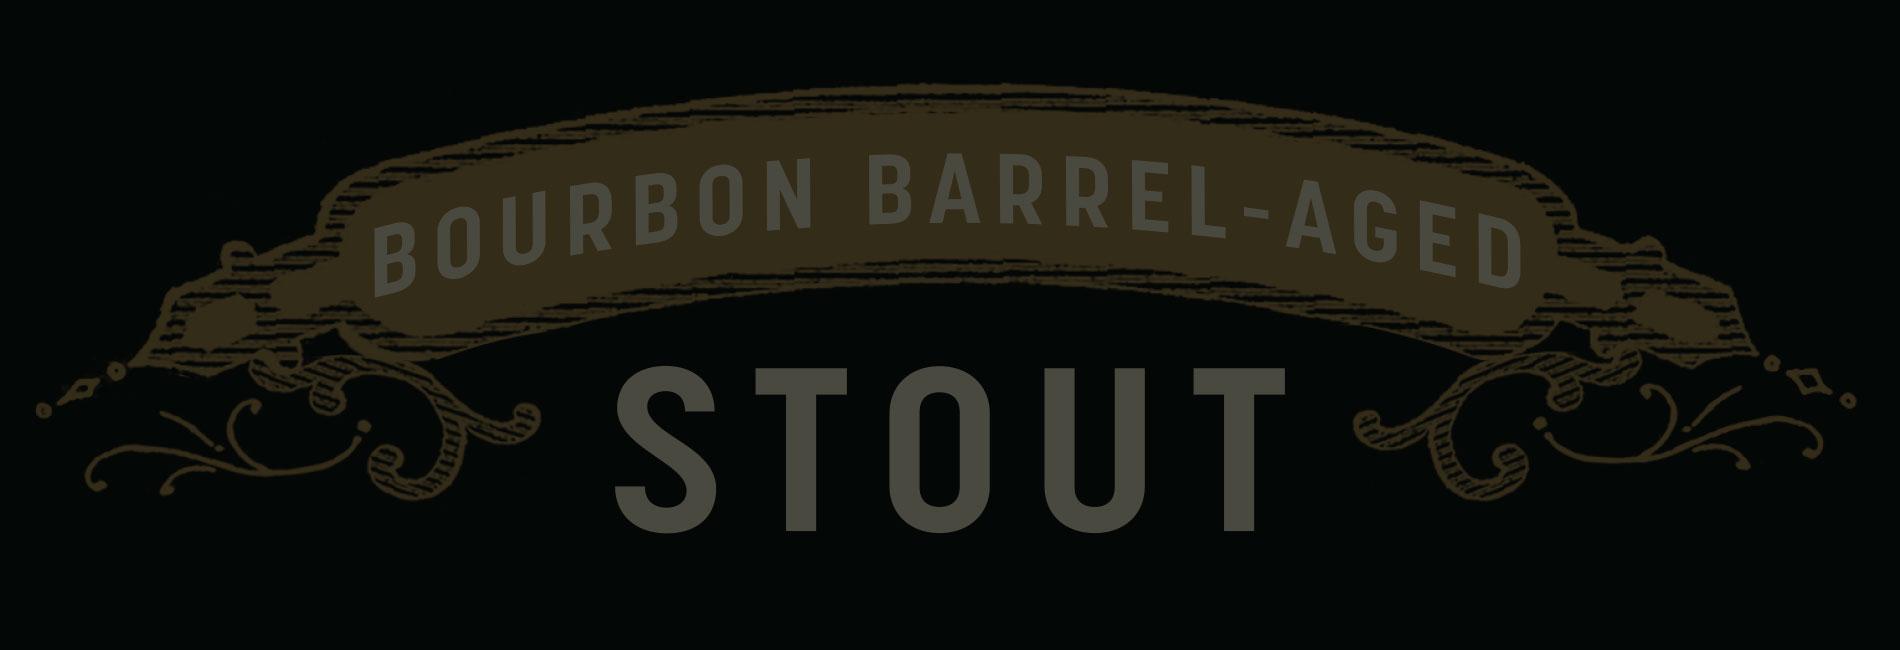 Bourbon Barrle-Aged Stout